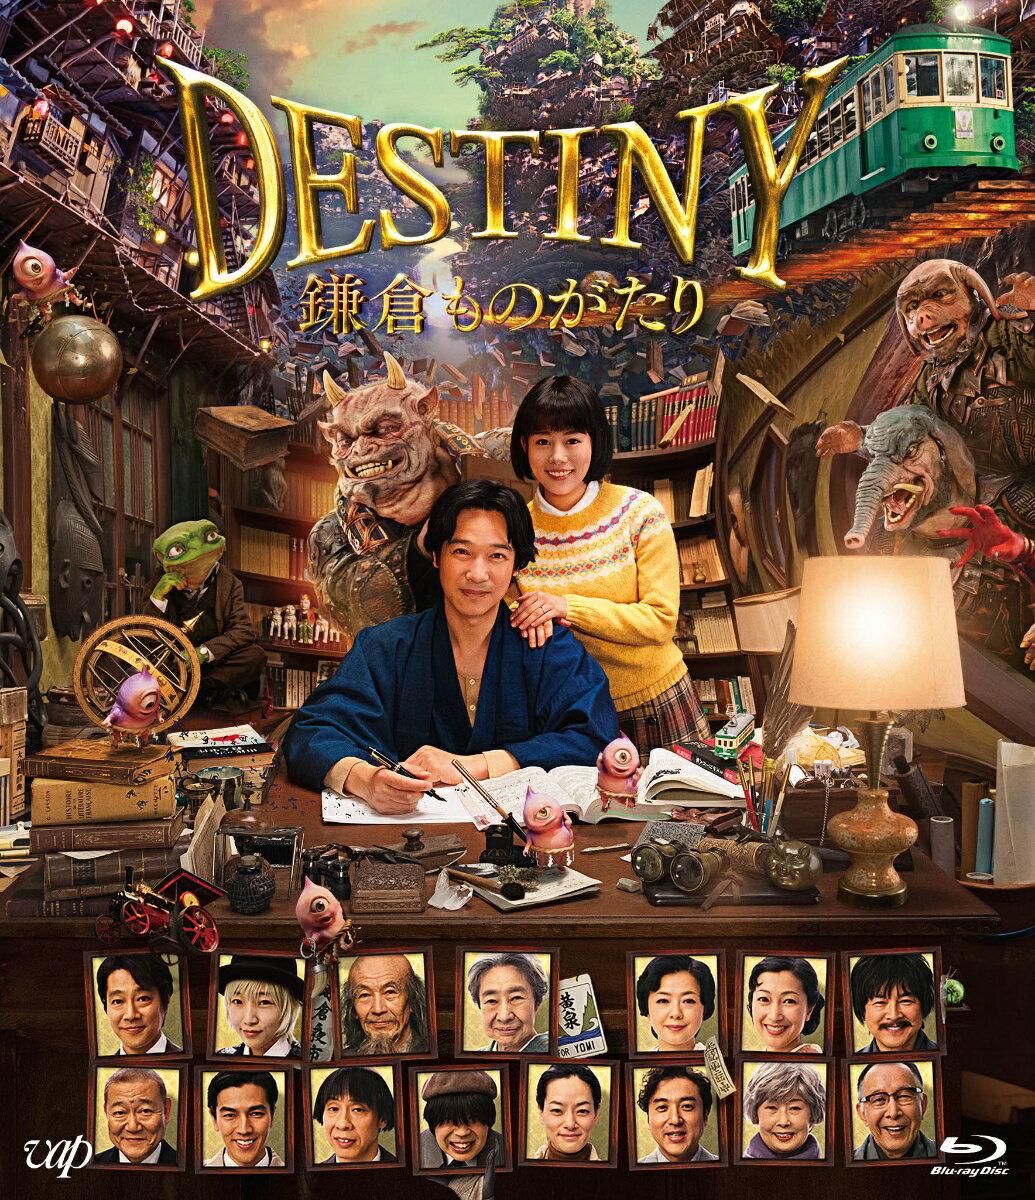 DESTINY 鎌倉ものがたり 豪華版【Blu-ray】